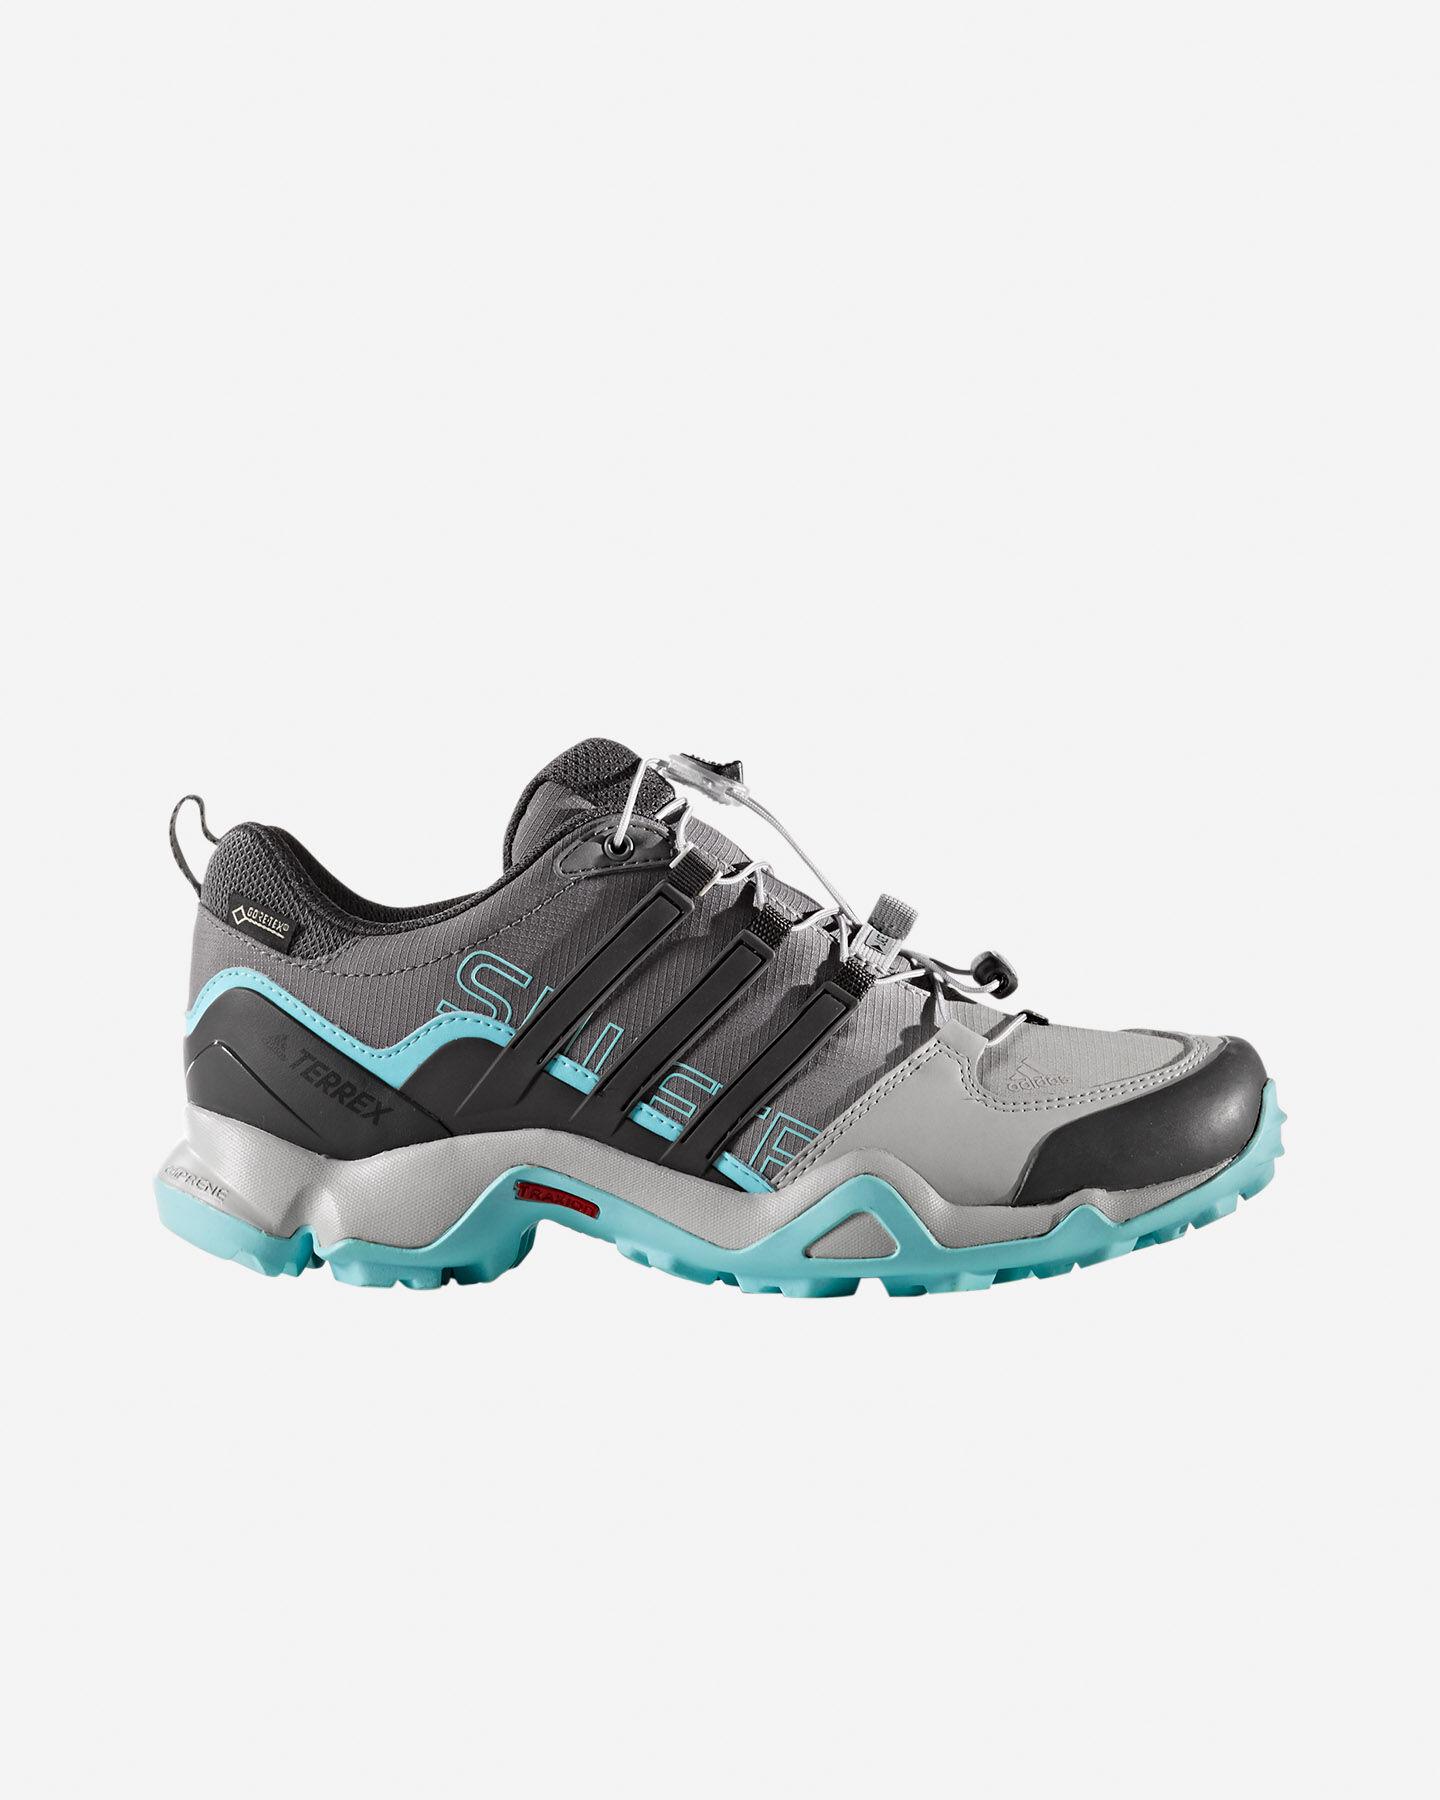 Bz0587 Scarpe Gtx Swift Trail Terrex Su Sport Cisalfa Adidas W R FwxX7nqZ